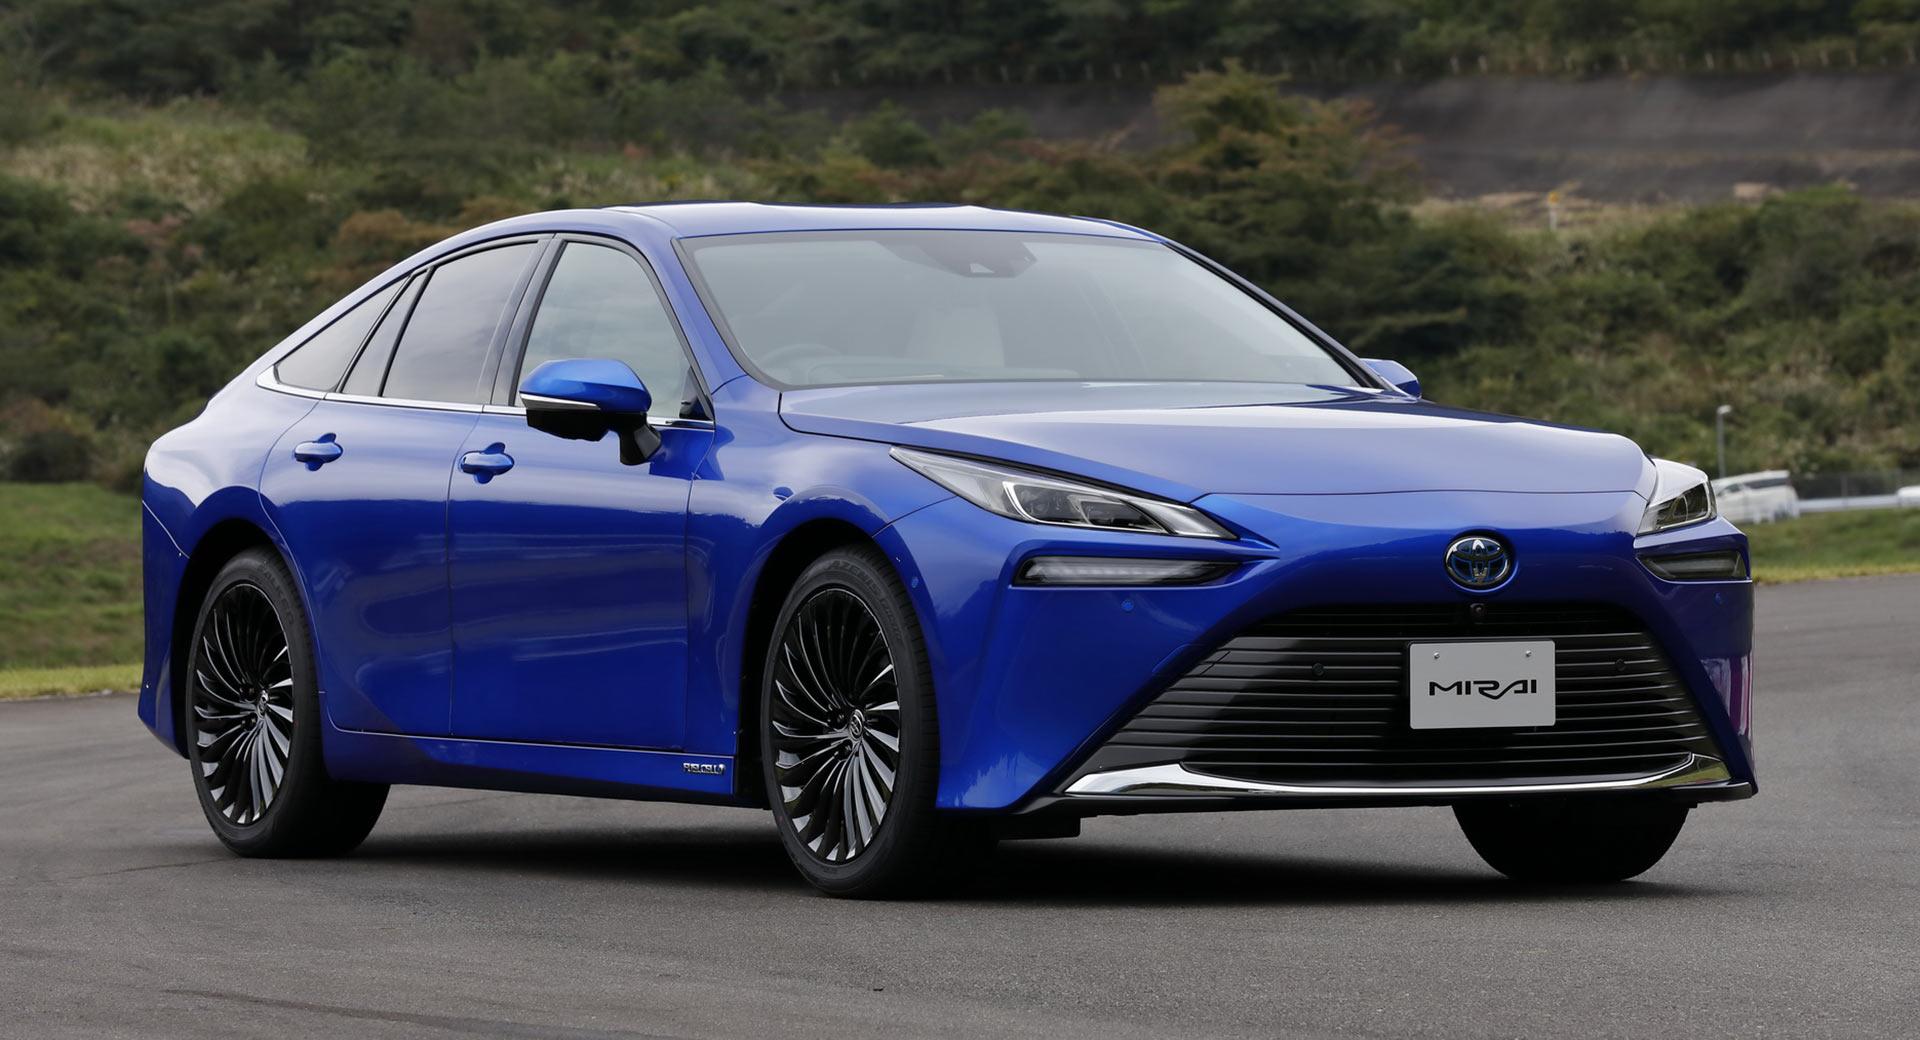 Một mẫu xe điện sắp ra mắt của Toyota. Ảnh: Toyota